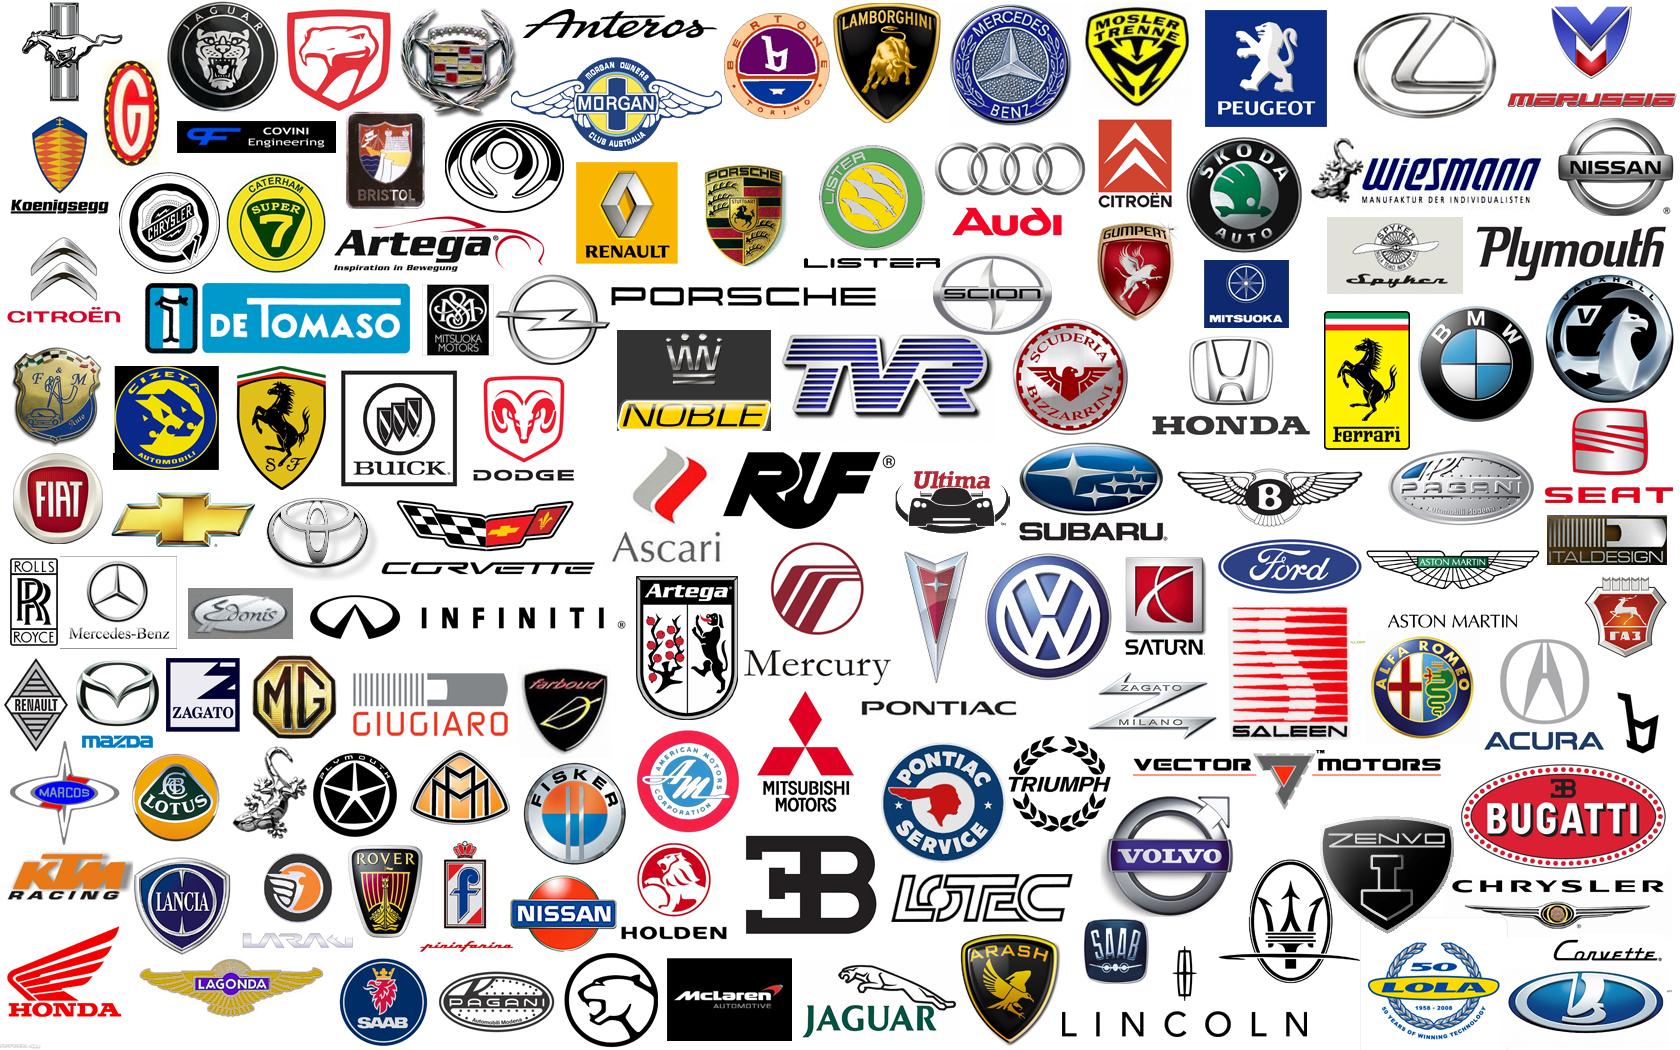 Car Logos With Names >> Η ερμηνεία πίσω απο τα σήματα των εταιριών αυτοκινήτου